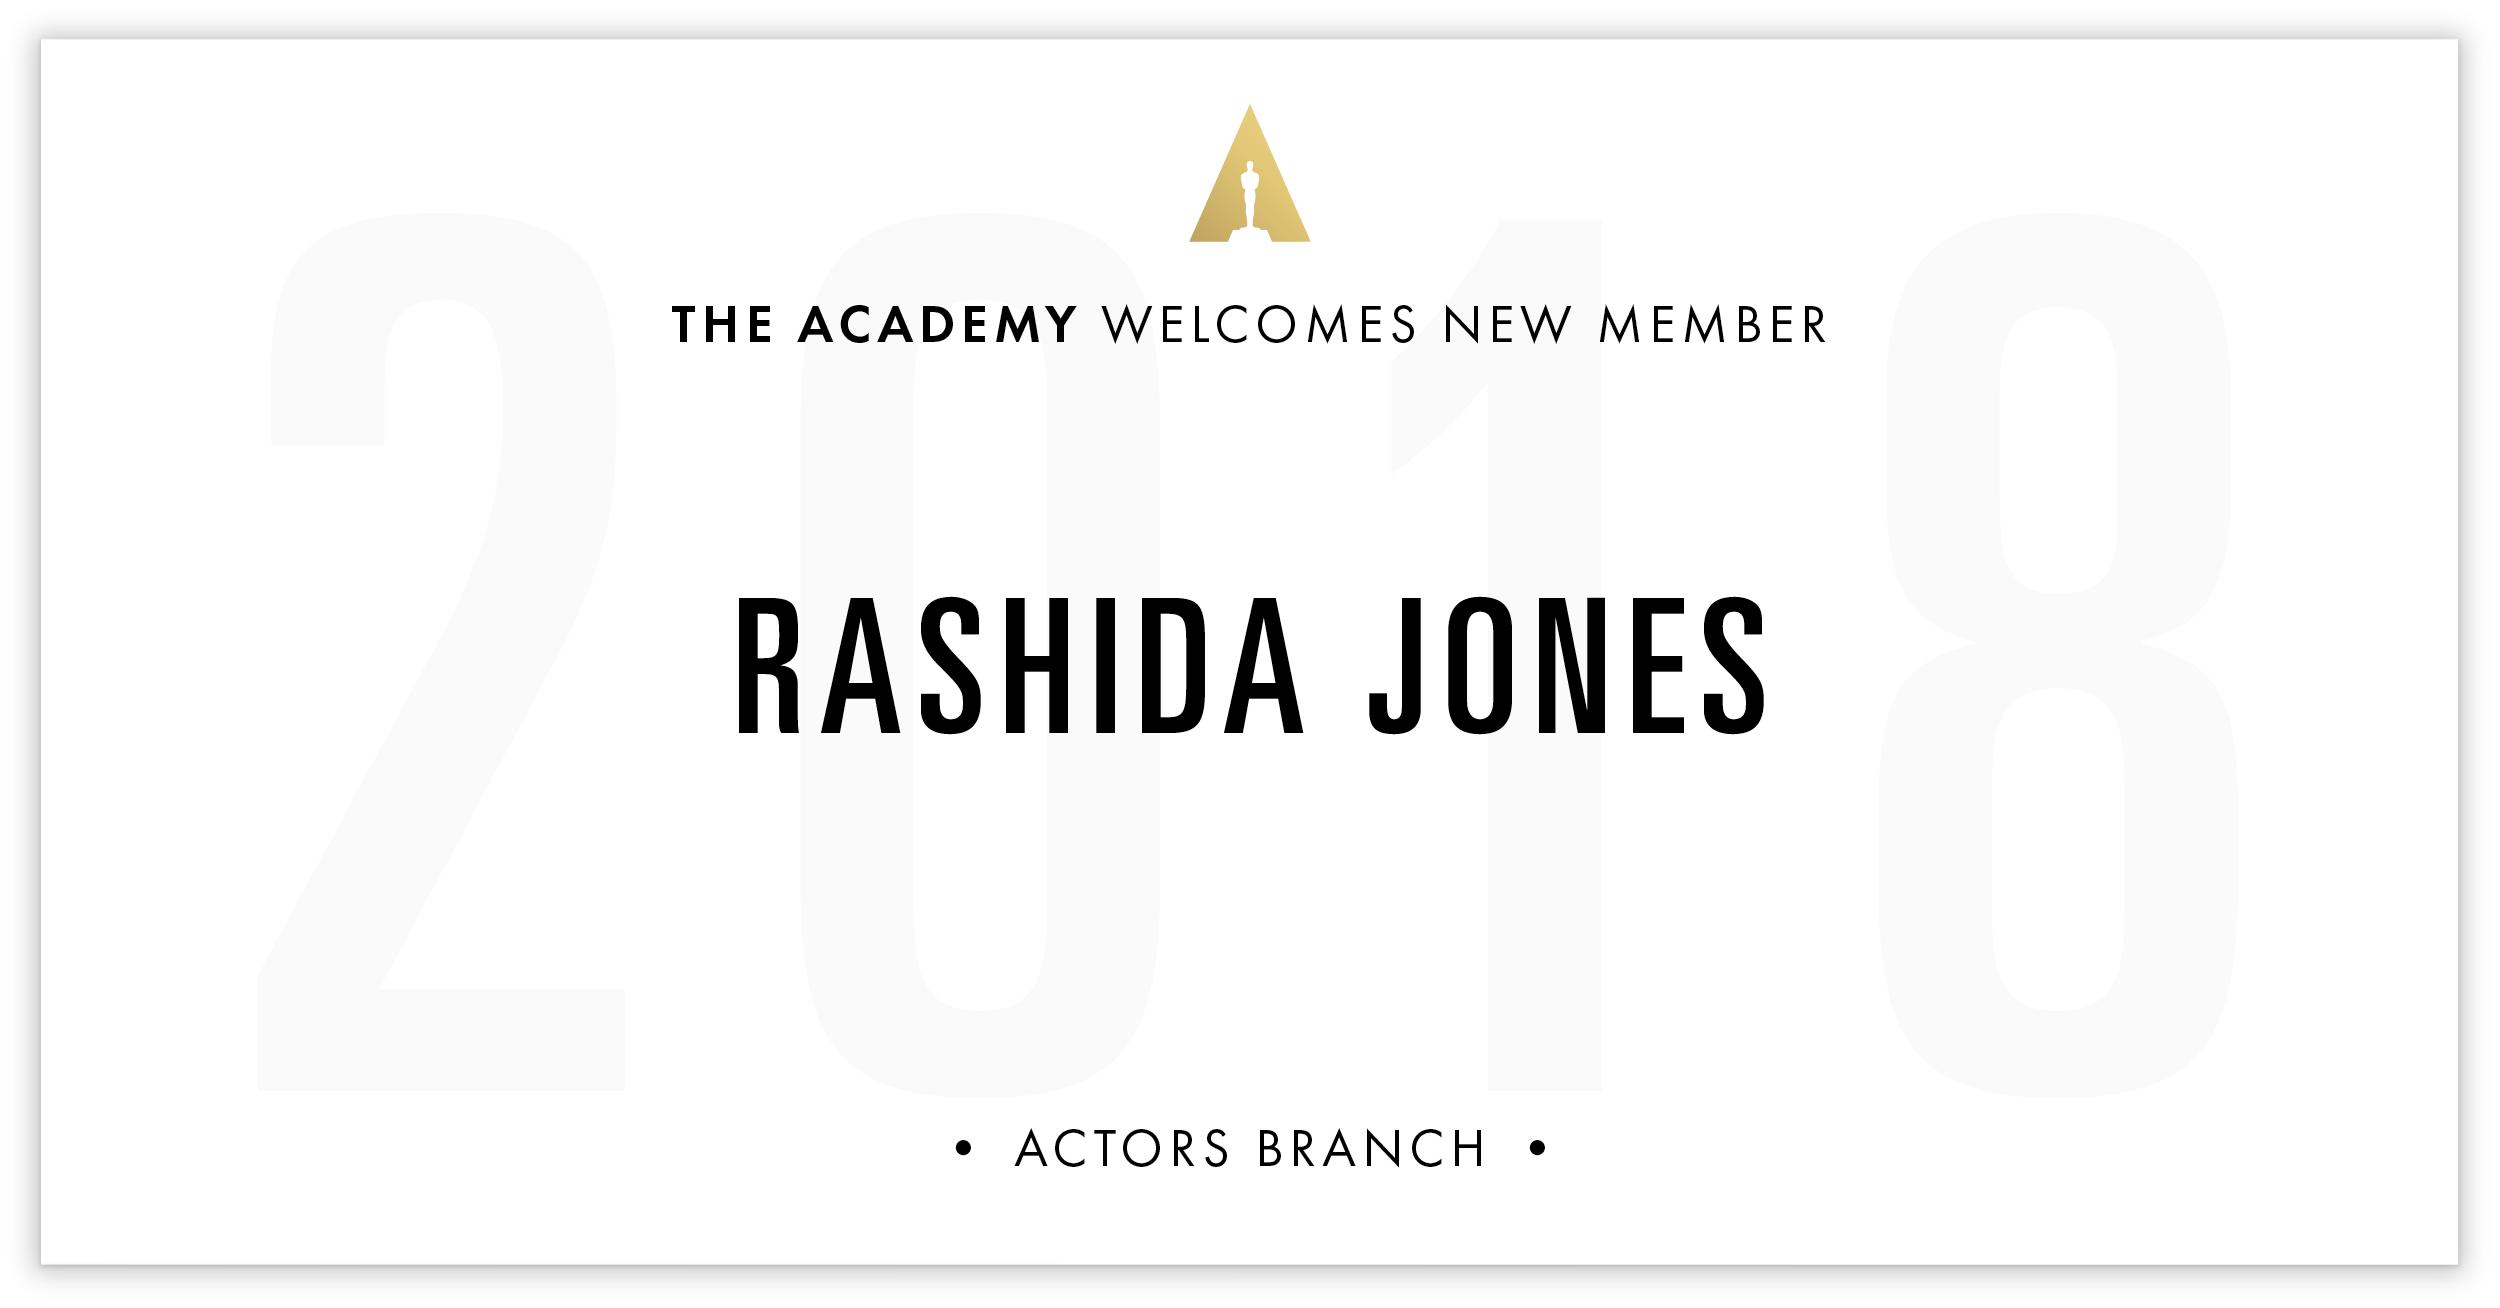 Rashida Jones is invited!